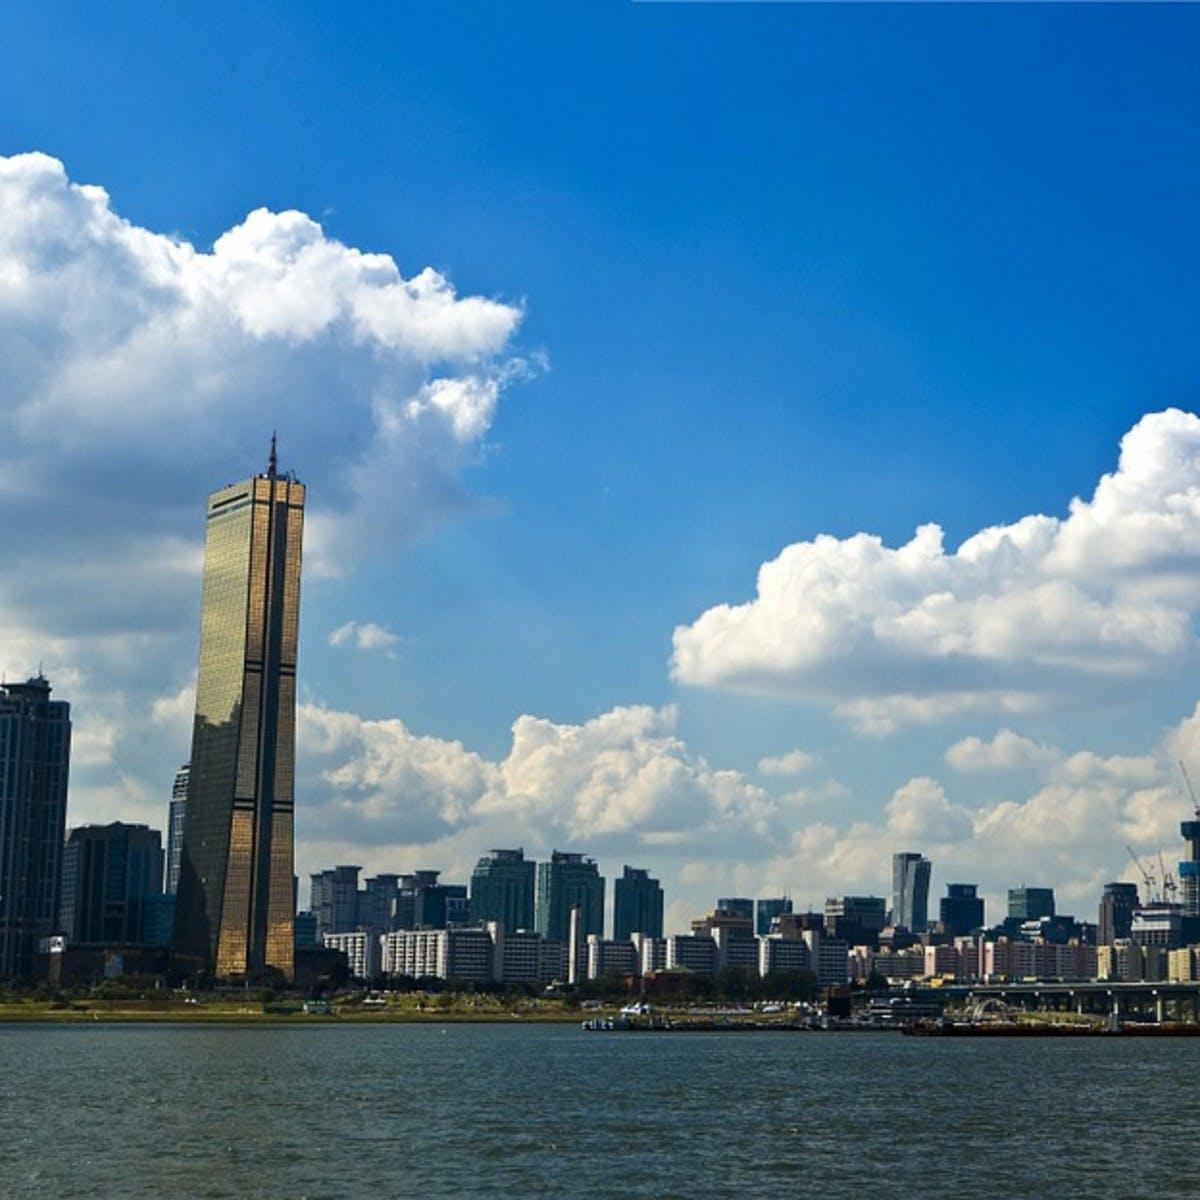 The Korean Economic Development